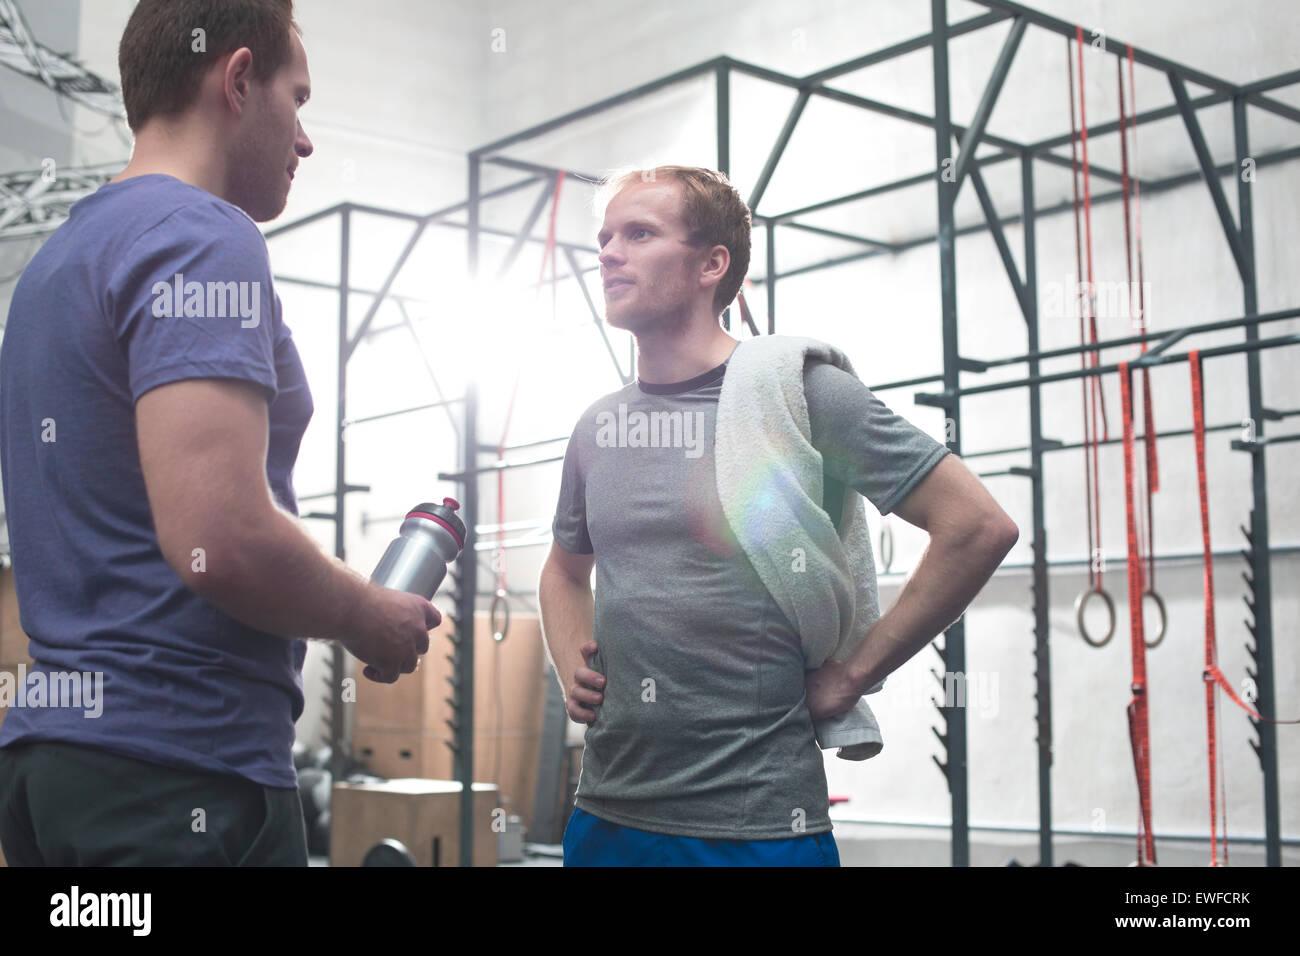 Amigos varones hablando en el gimnasio crossfit Imagen De Stock